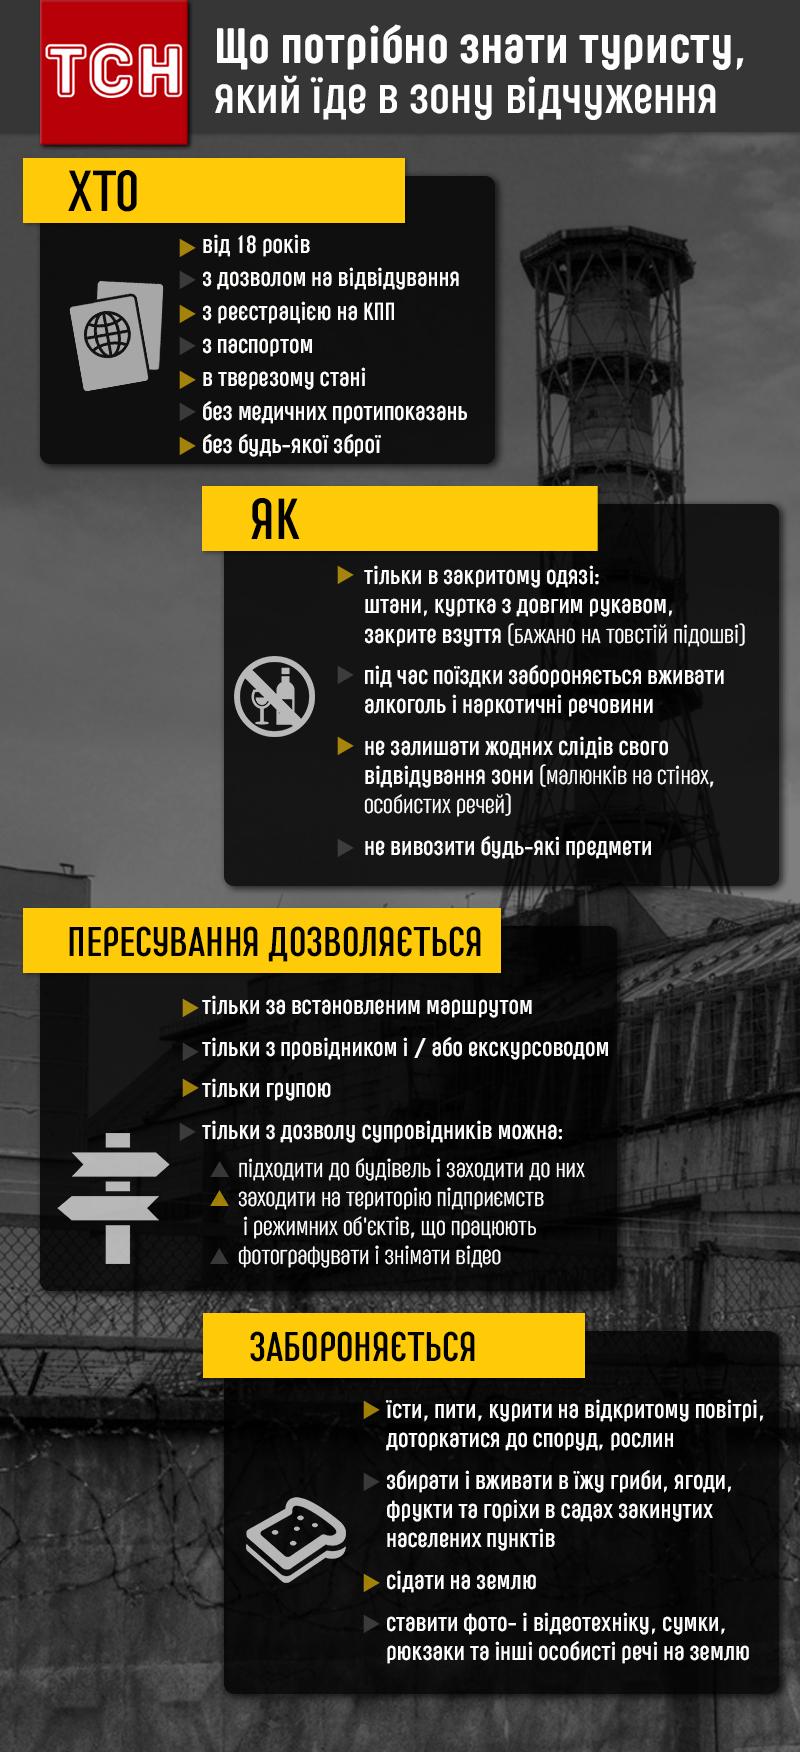 Що потрібно знати, подорожуючи до Чорнобиля